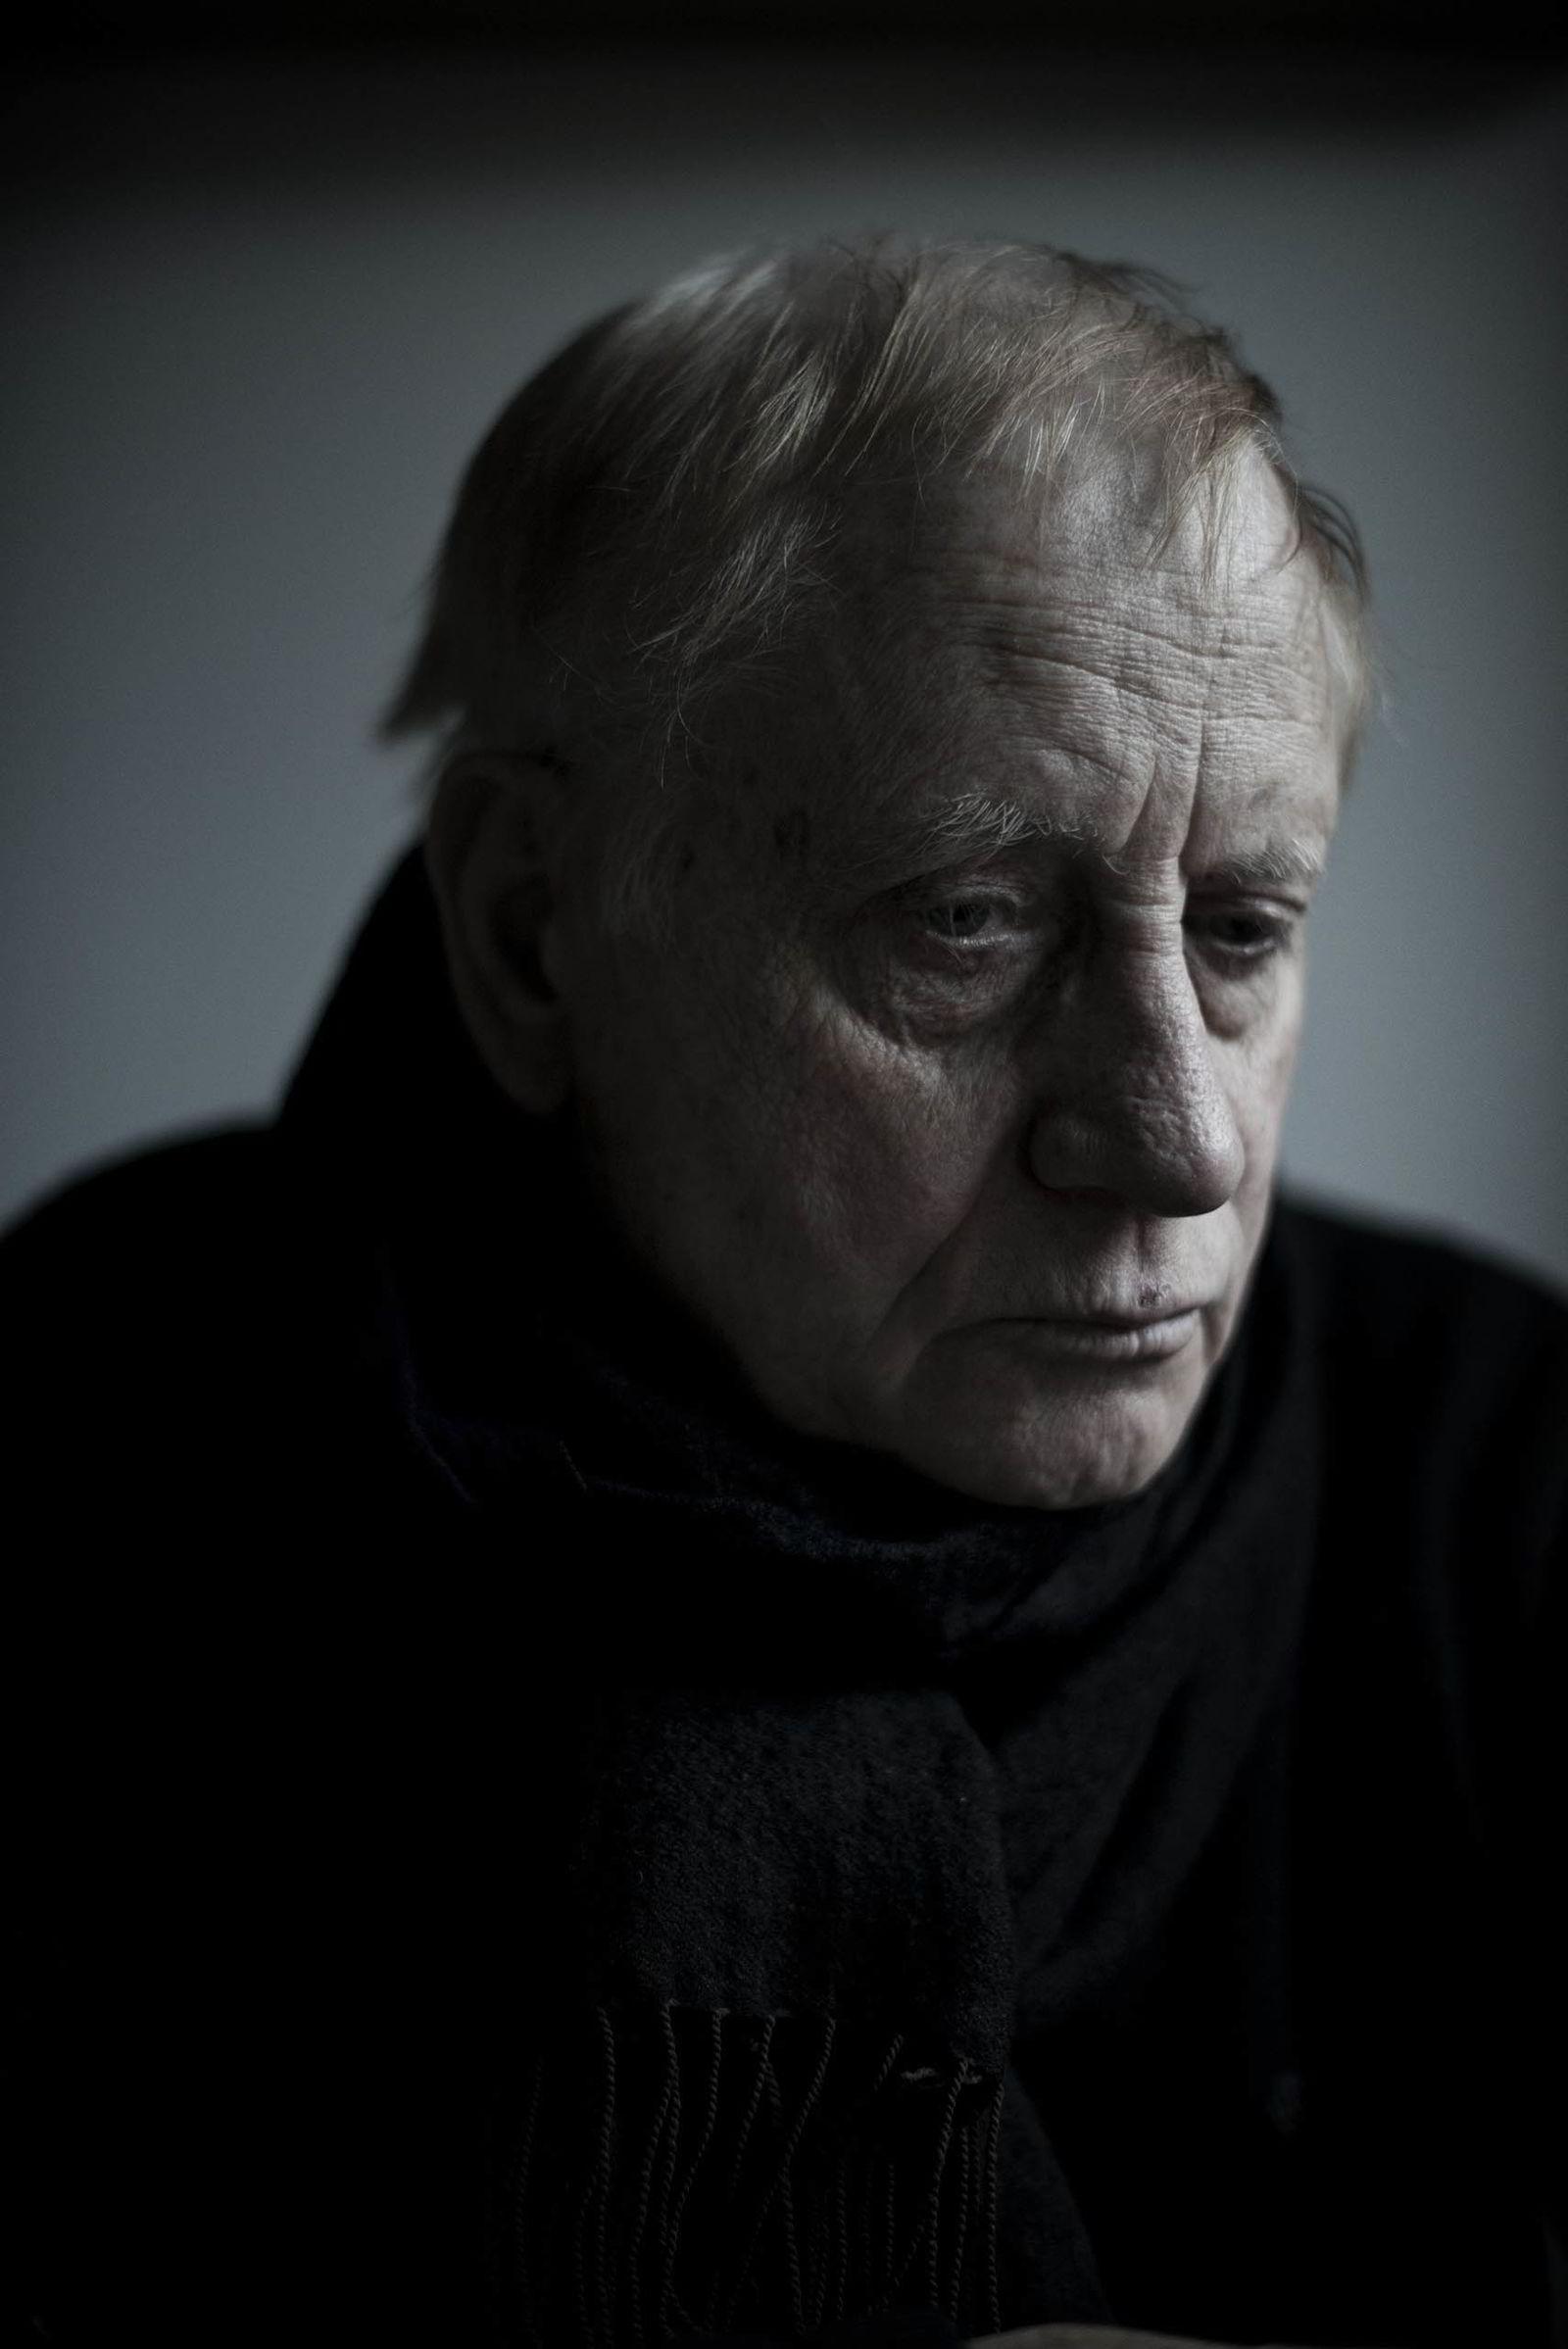 PORTRETT. Tredjeplassen fikk Thomas Haugersveen for portrettet av Gunnar Torgersen (76)